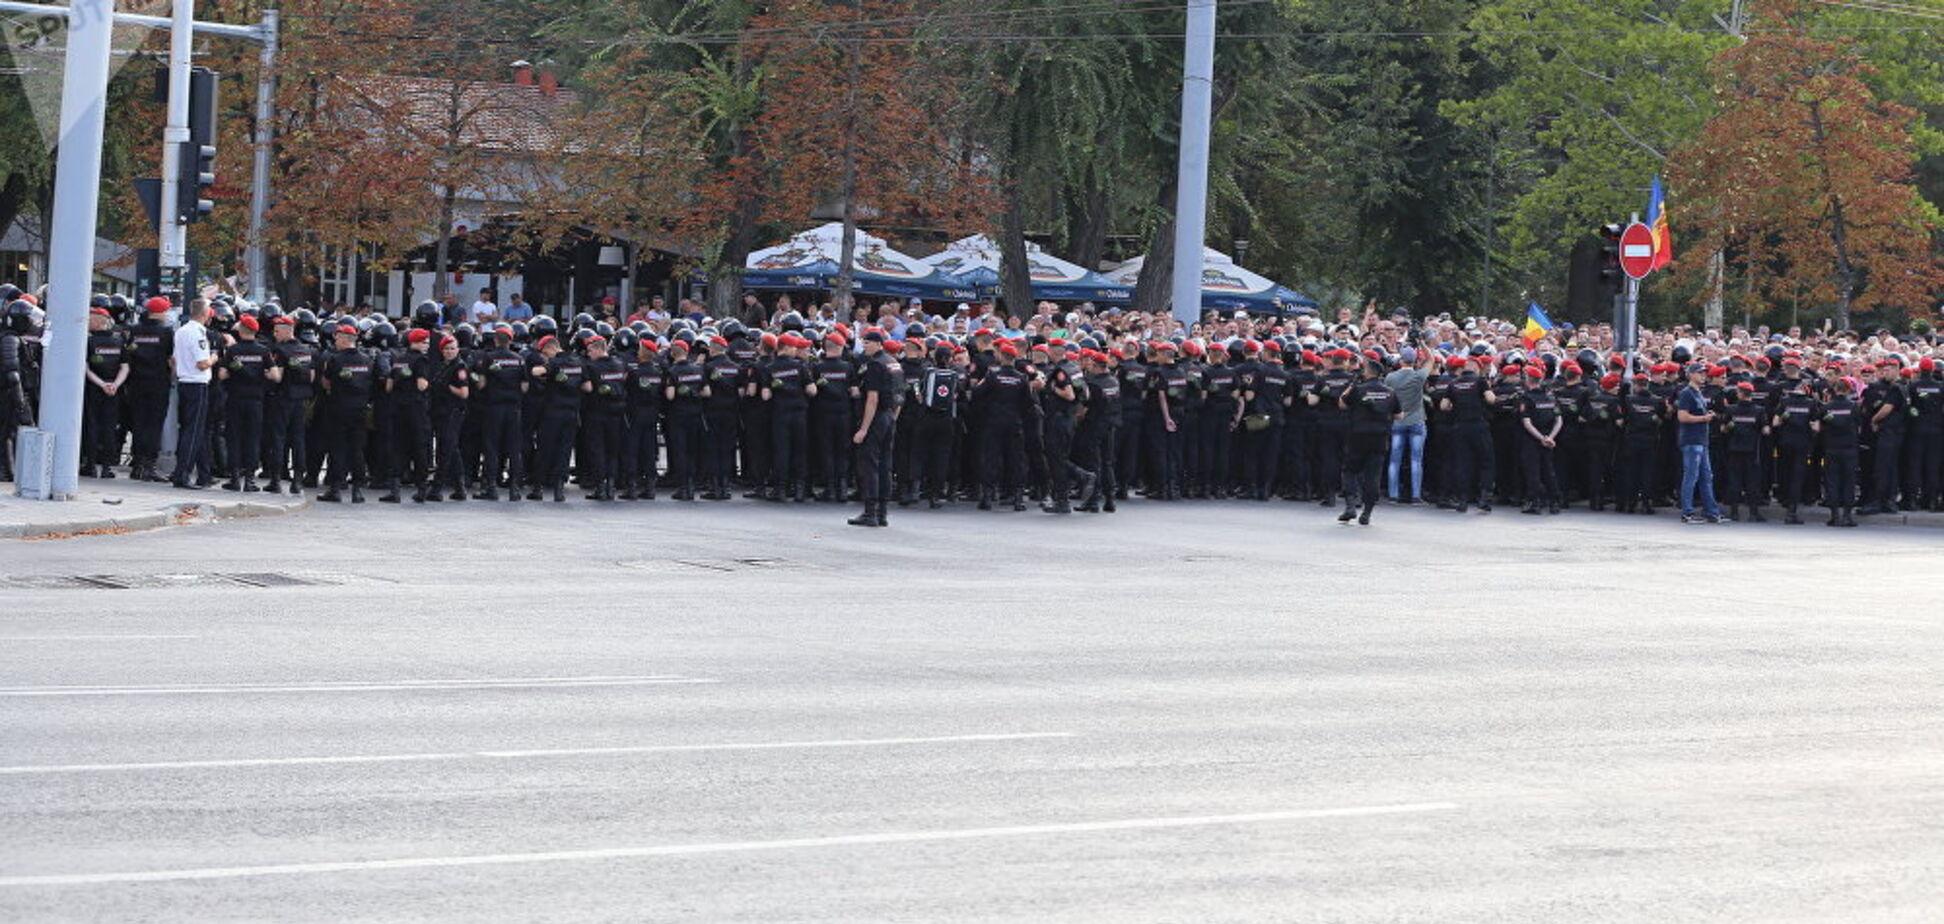 У Кишиневі поліція розігнала антиурядовий протест: усі подробиці